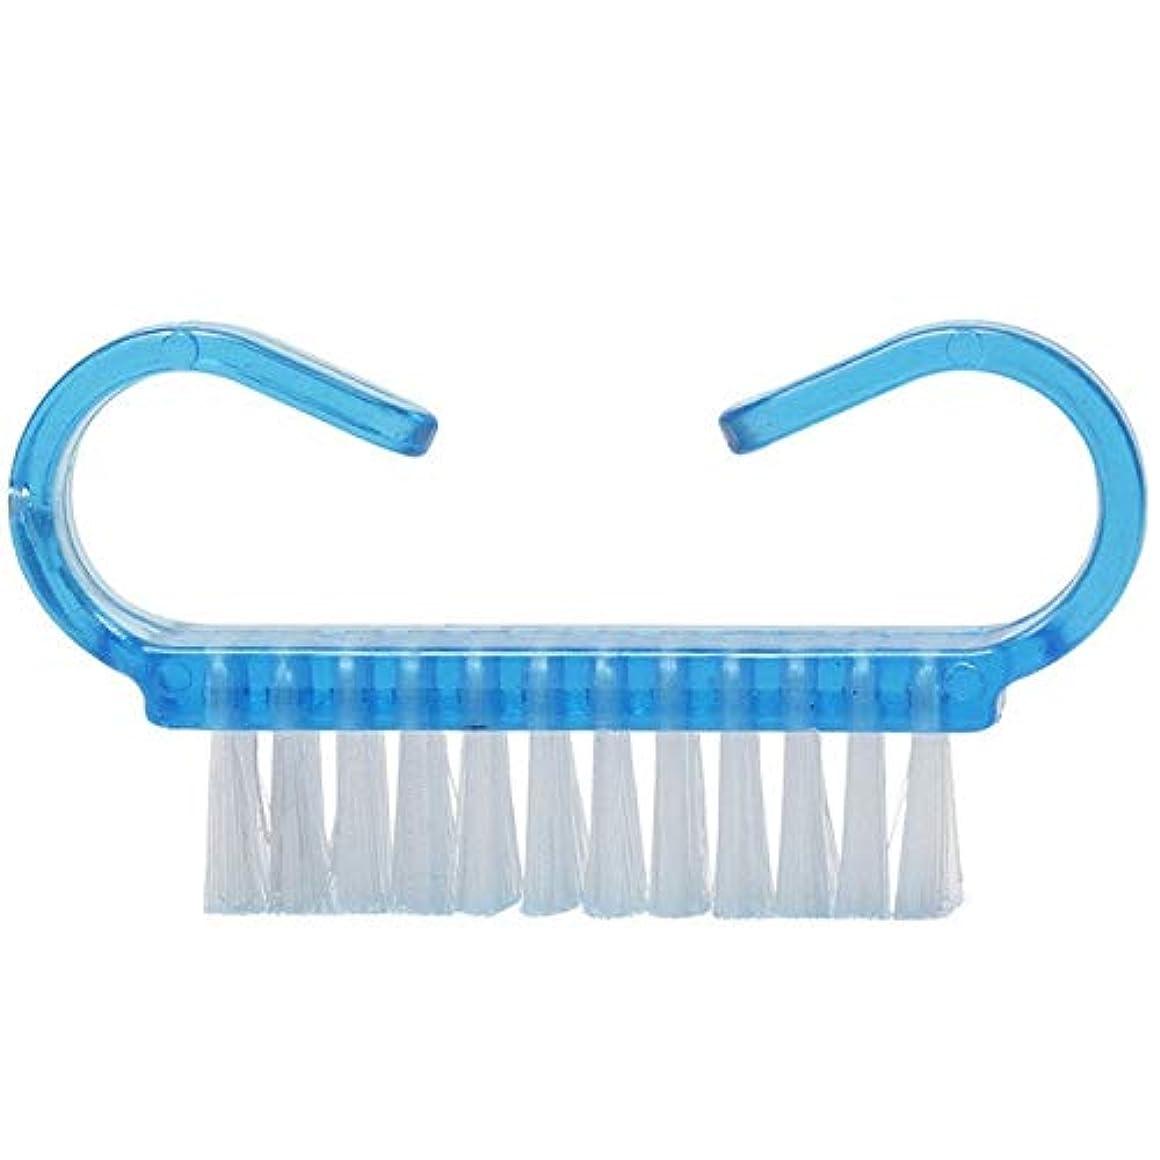 ミュウミュウ容器トレードYan 10個入りクリーニングブラシツールネイルアートケアマニキュアペディキュアほこり小角度クリーンブラシ(ピンク) (色 : Blue)